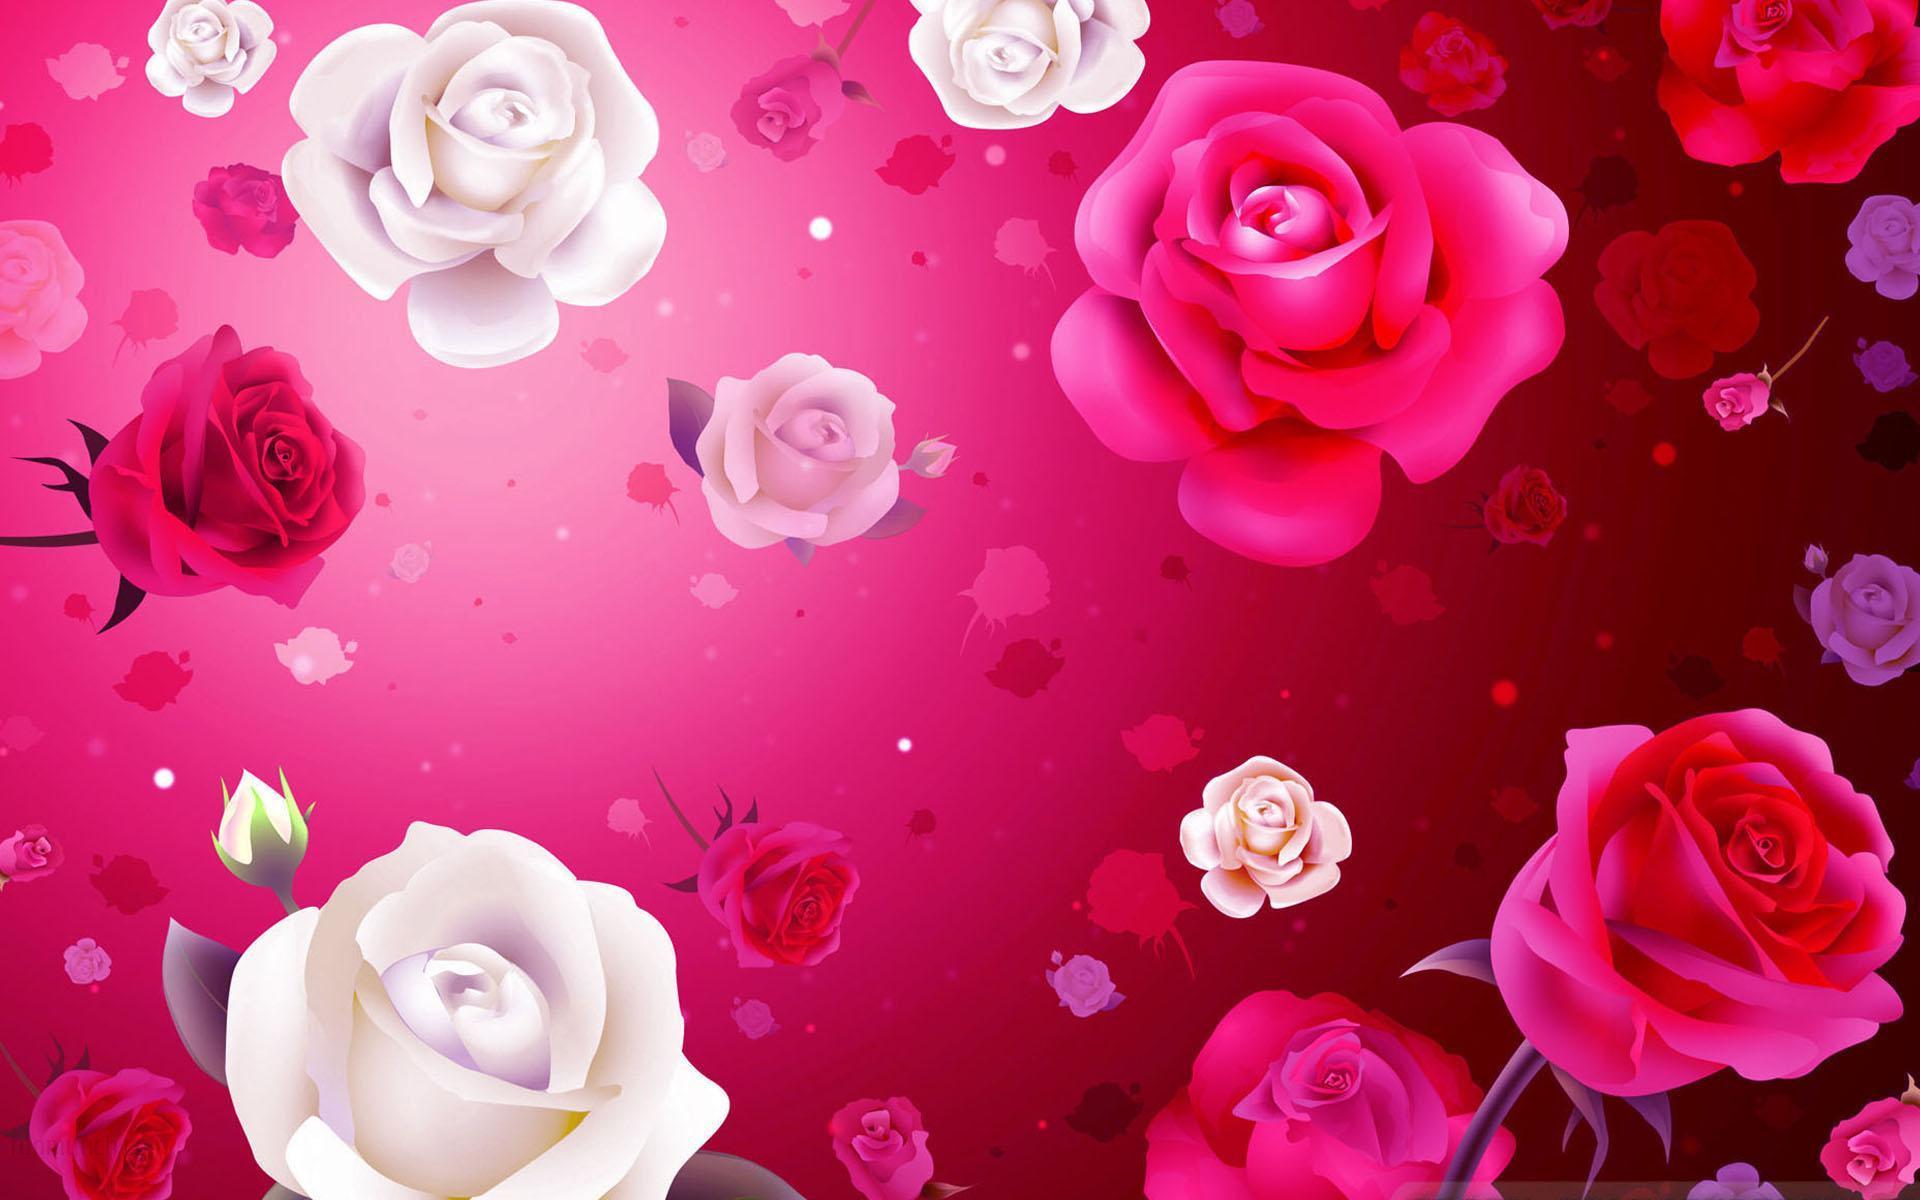 Valentines Day 2014 Desktop Background   Wallpaper High Definition 1920x1200